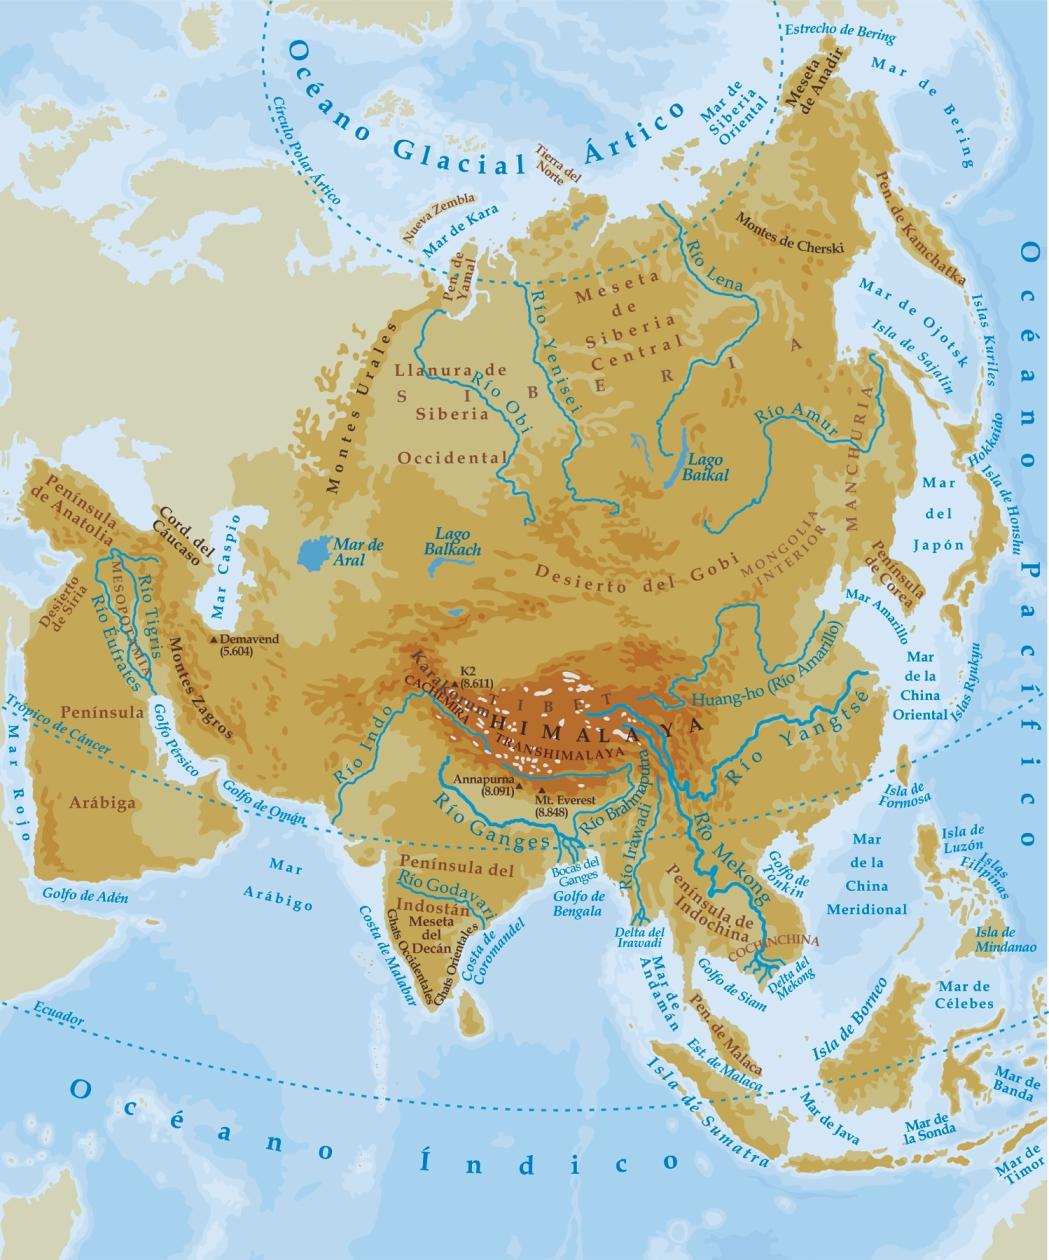 Mapa físico de Asia con los principales ríos, océanos y accidentes geográficos